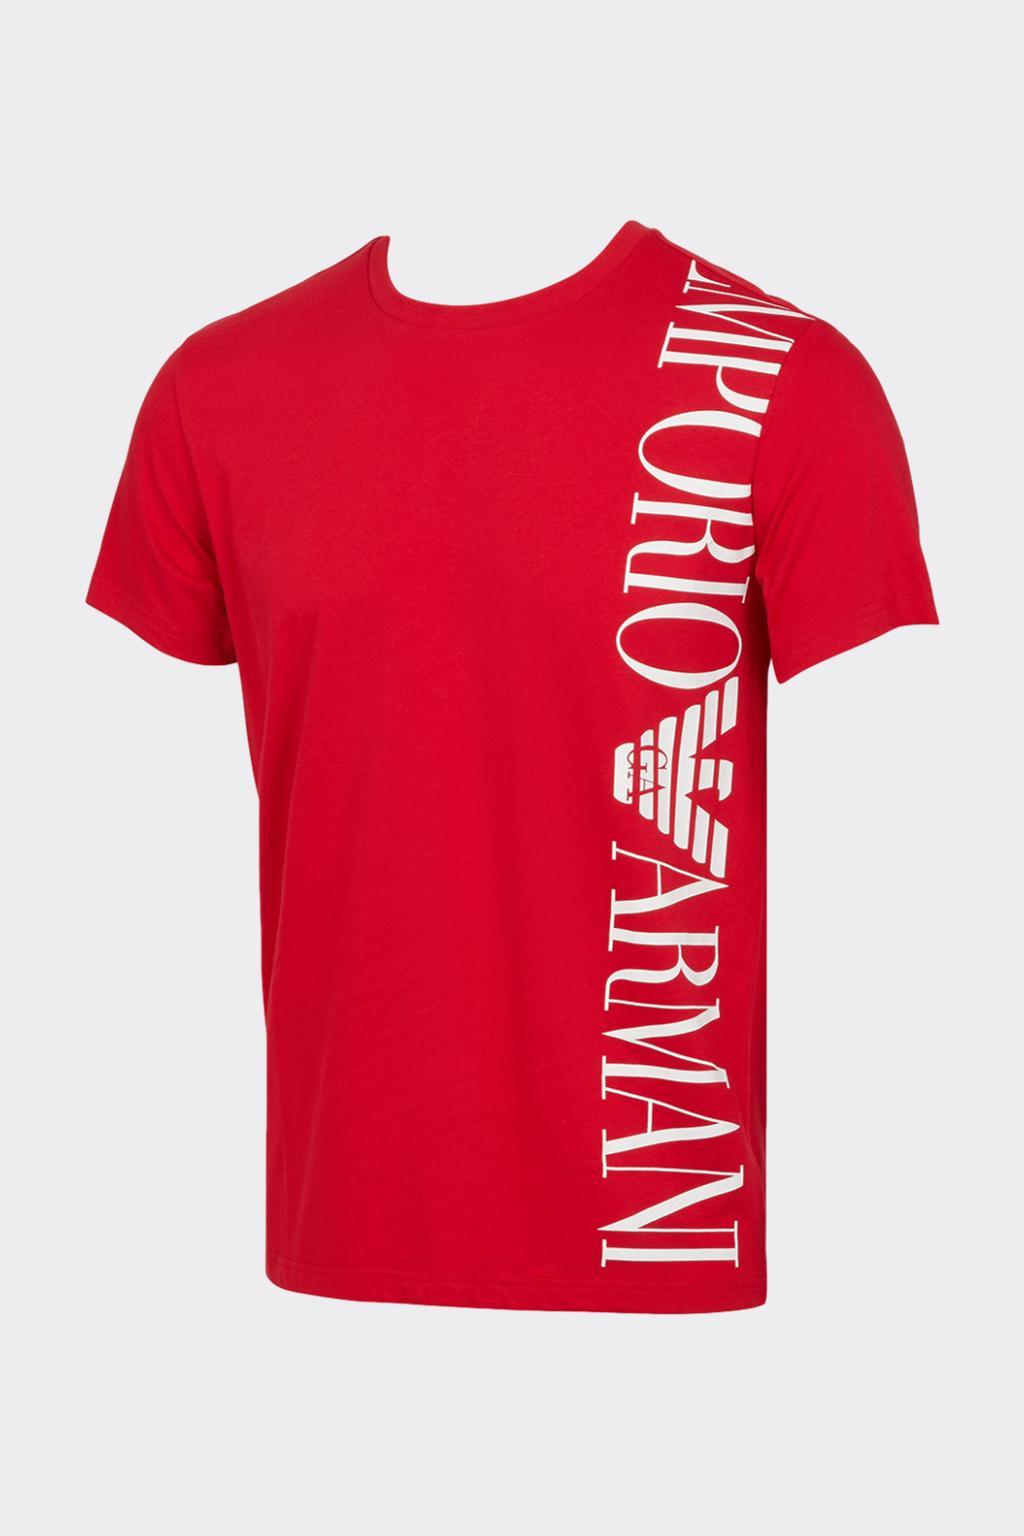 Emporio Armani Underwear Emporio Armani tričko pánské - červená Velikost: M